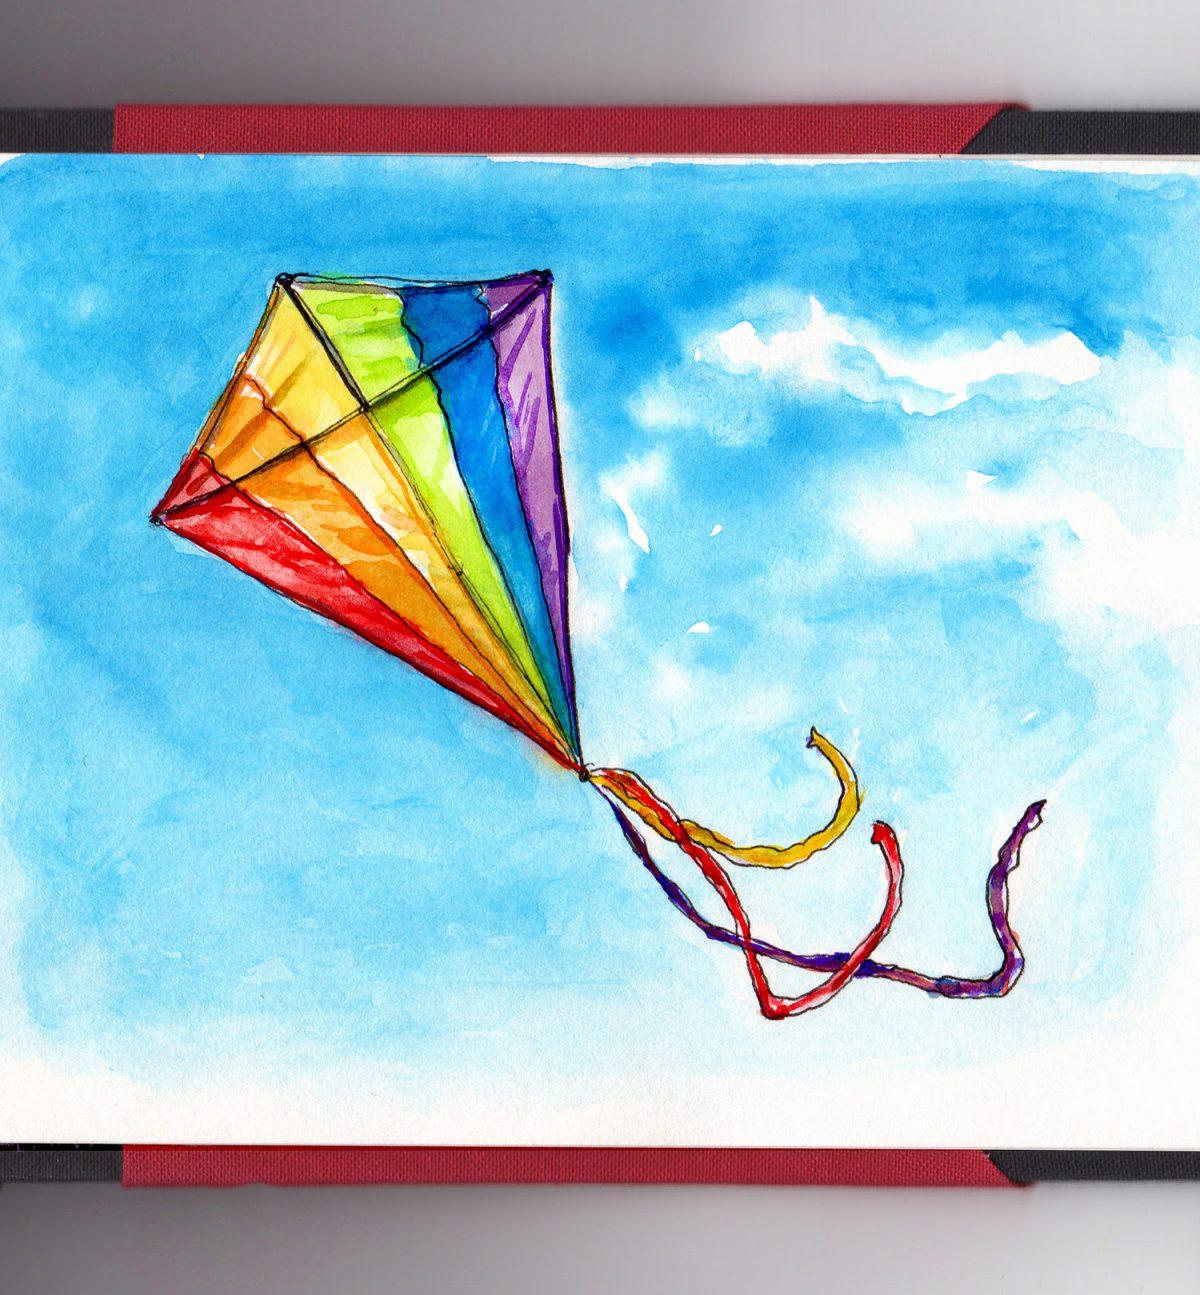 day-27-go-fly-a-kite-rainbow-blue-sky